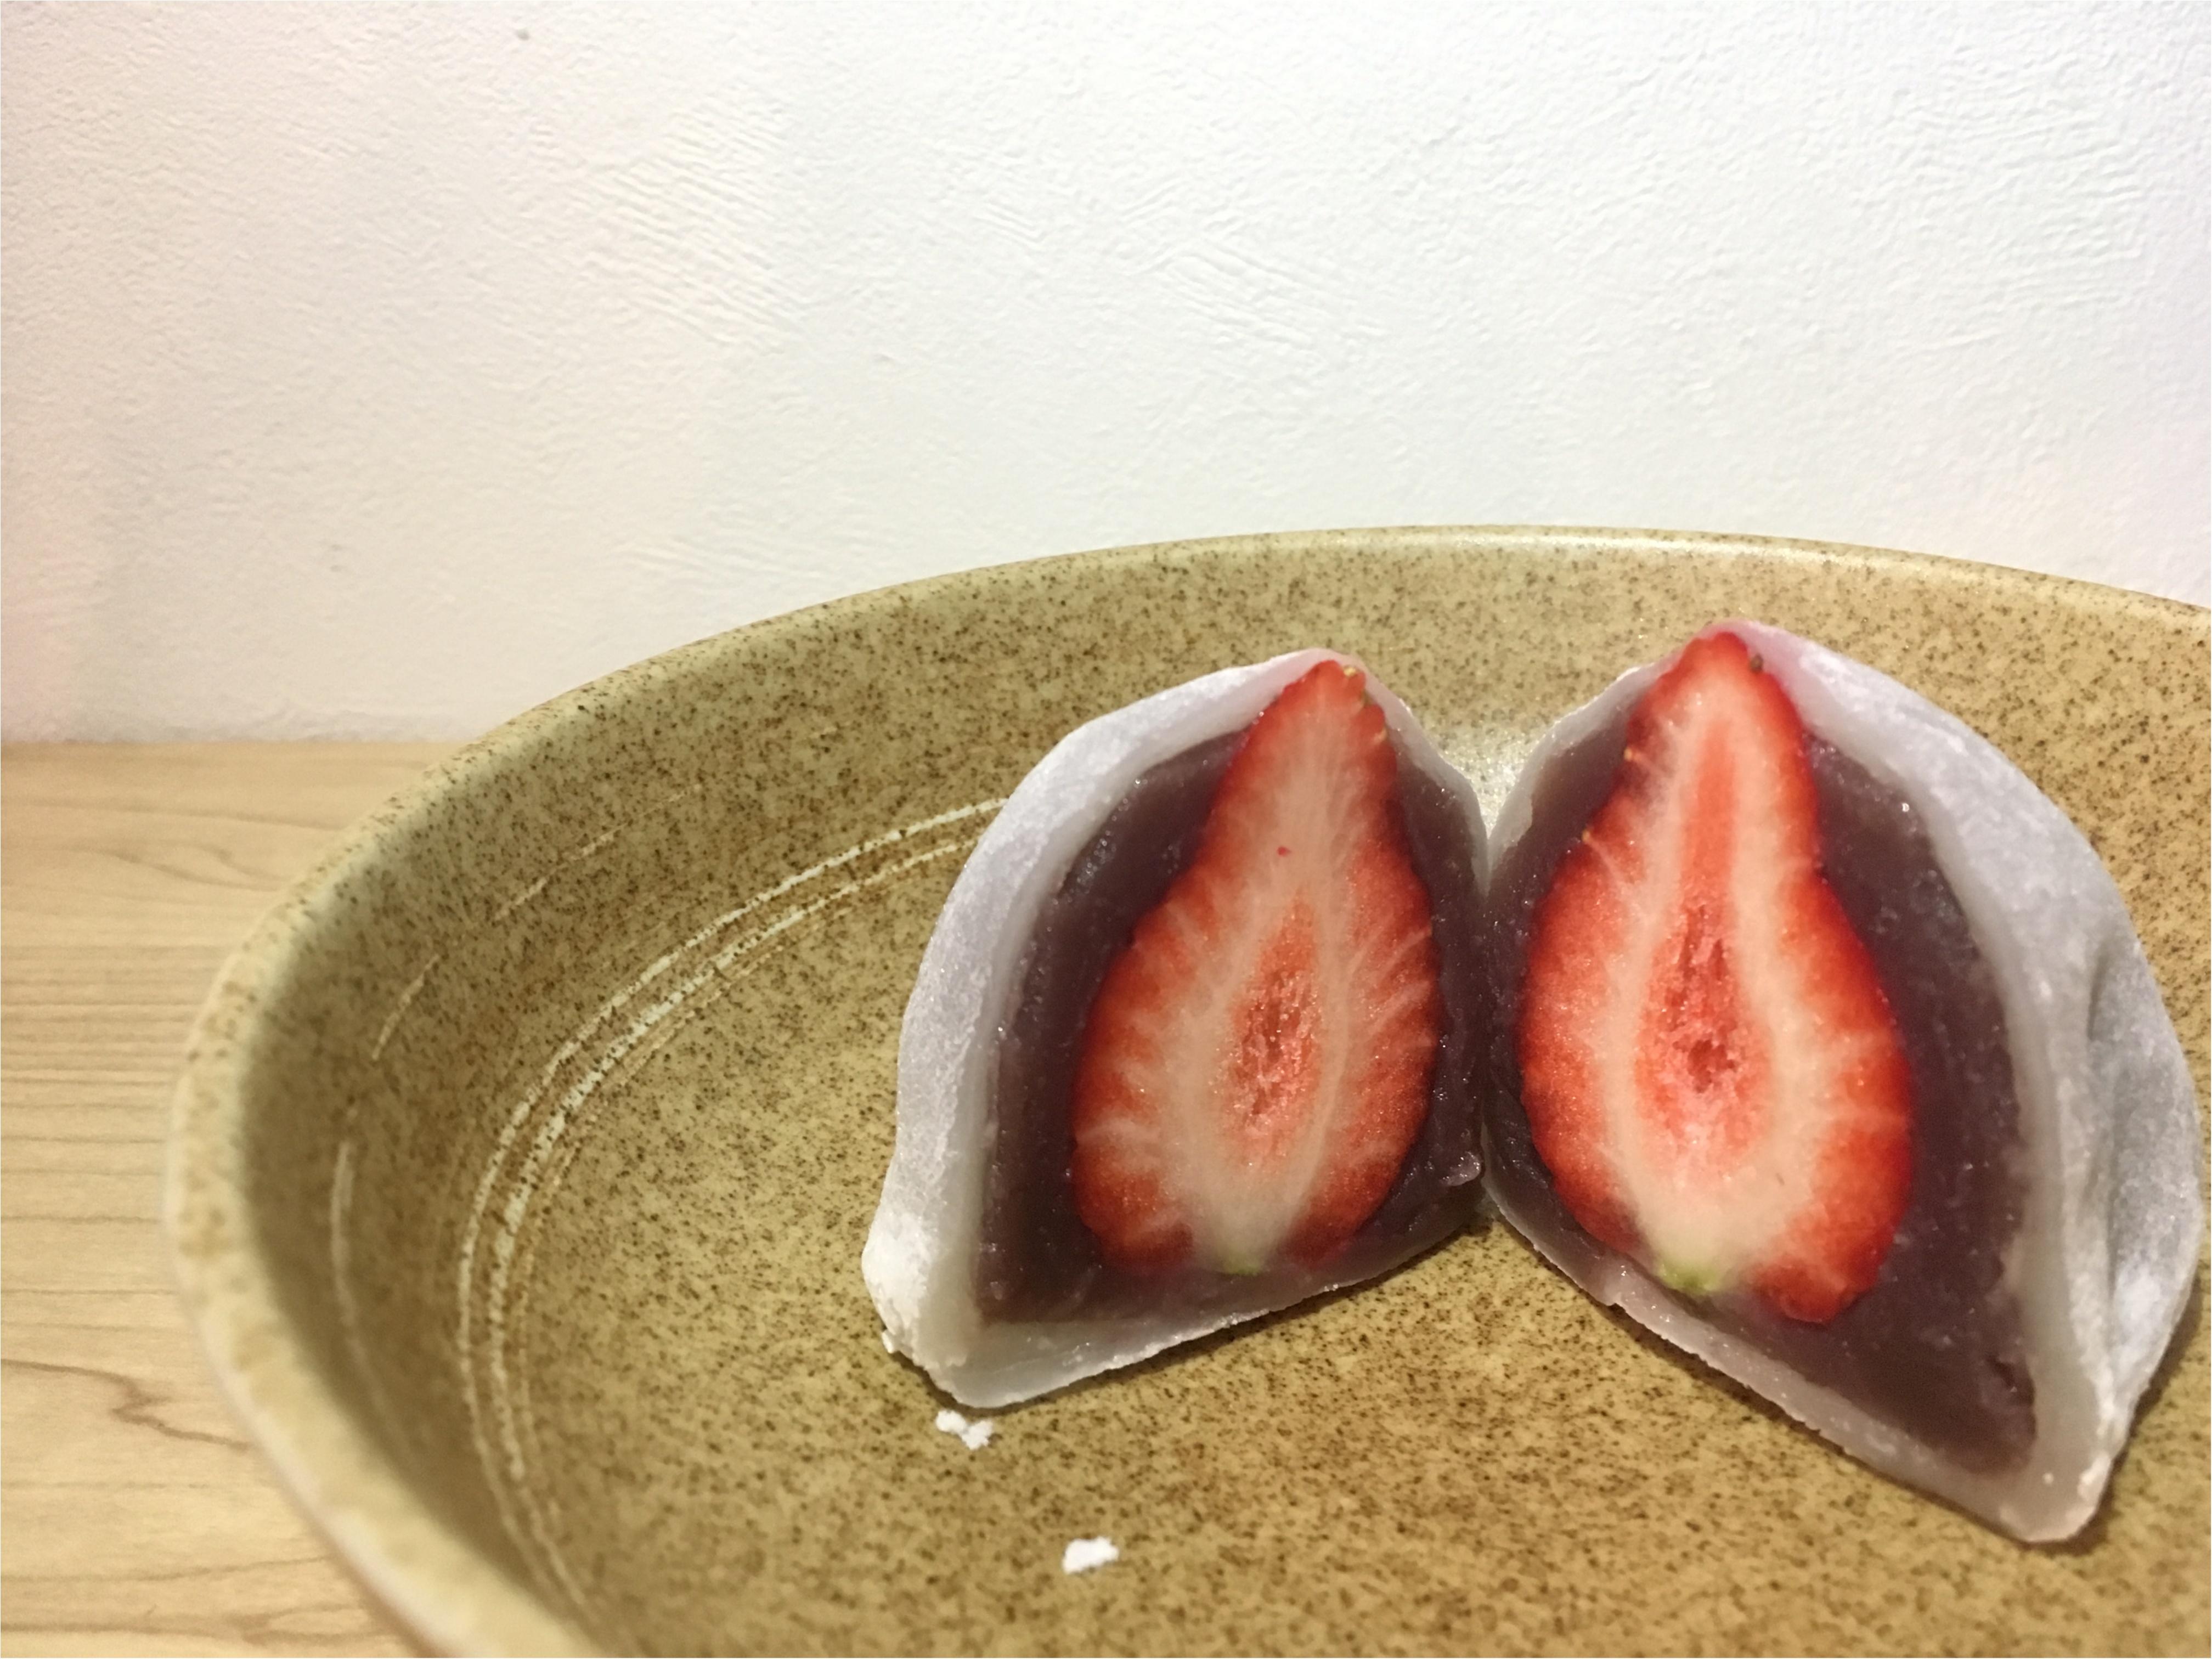 【季節限定】本当は秘密にしたい!!あまおう2Lサイズを使った南青山 和菓子⚫︎⚫︎のいちご大福_4